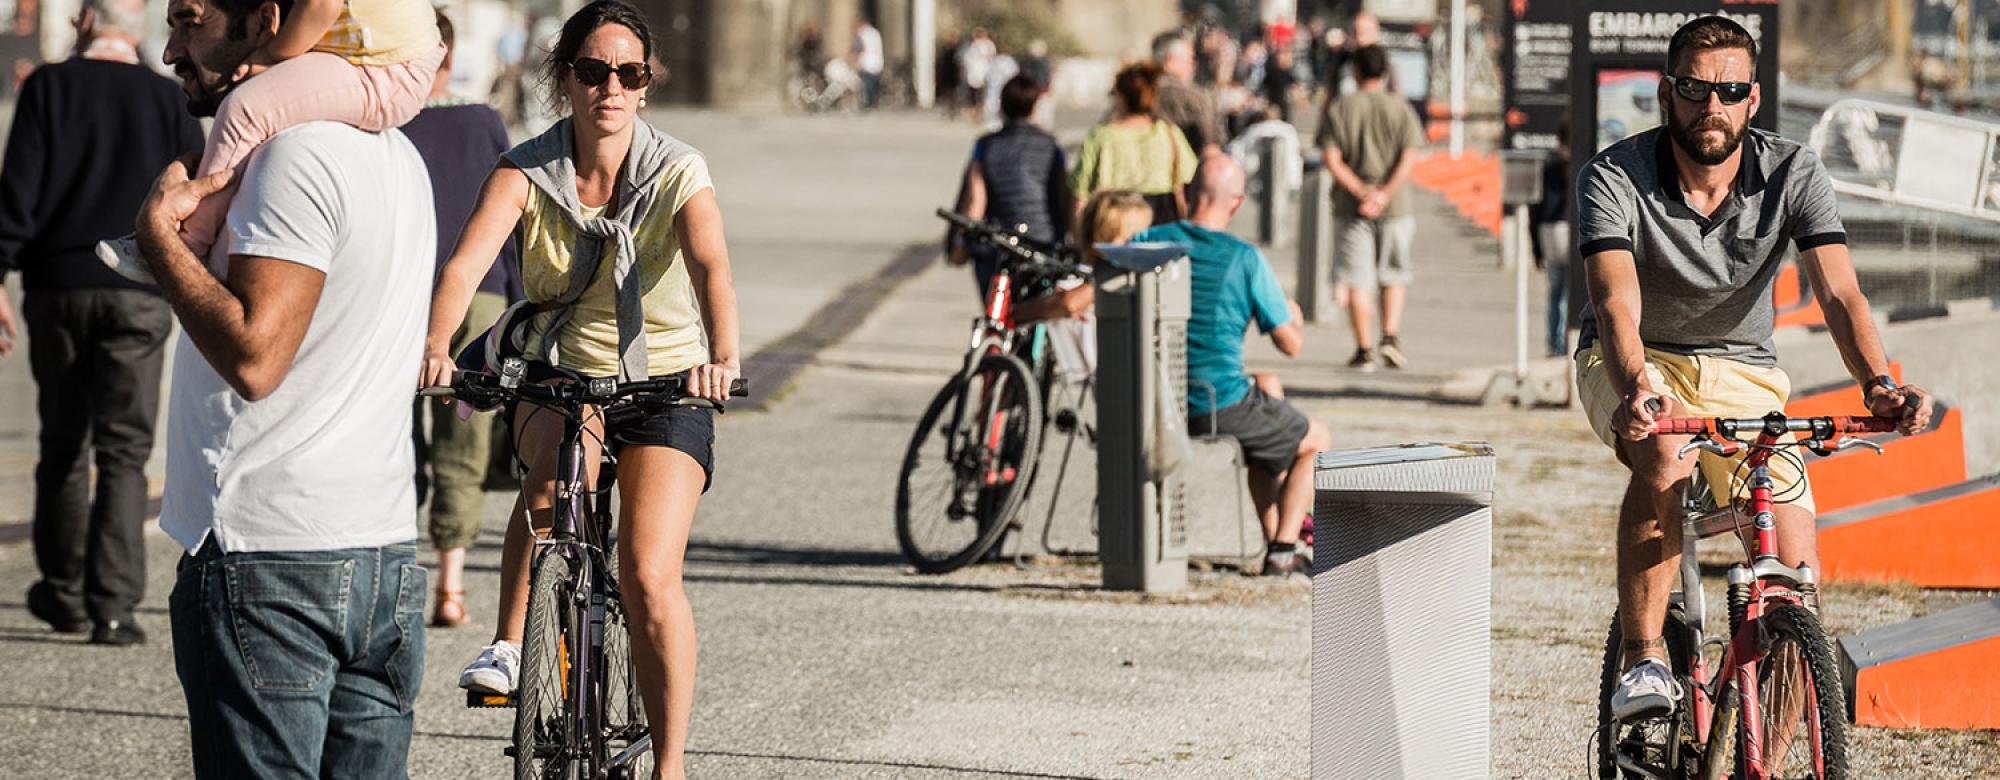 Balade à vélo en amoureux à Lorient